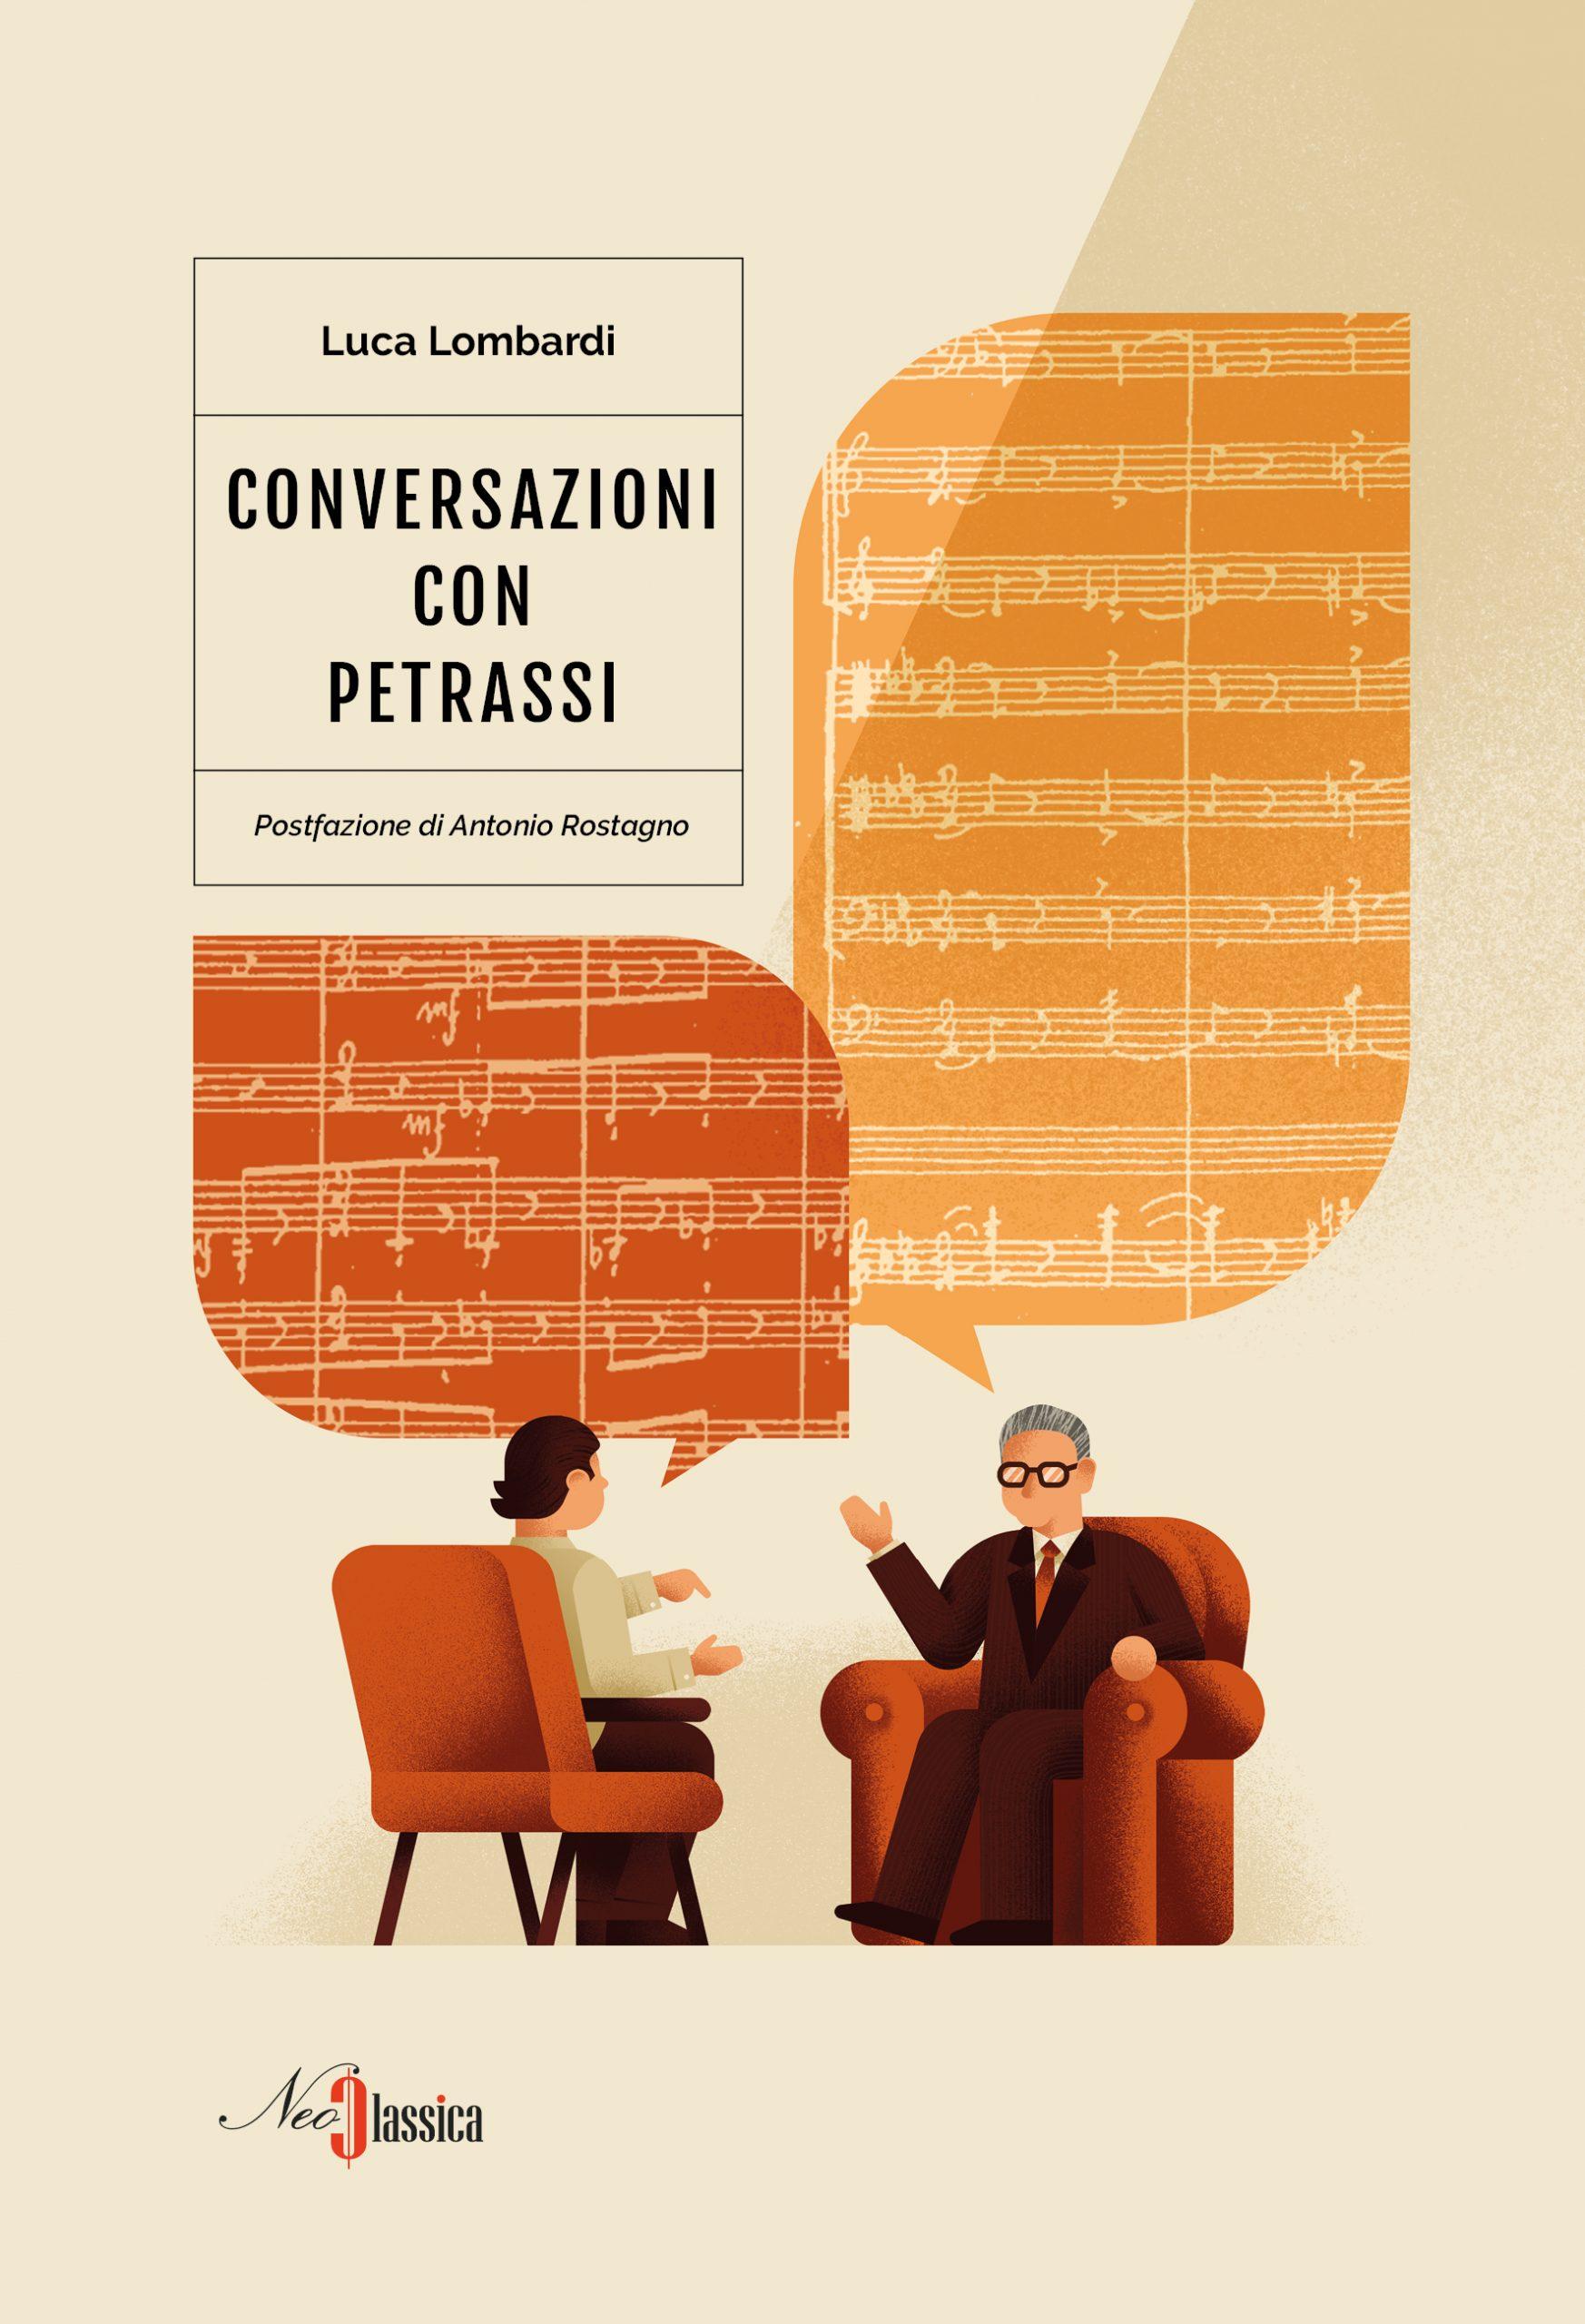 Conversazioni con Petrassi